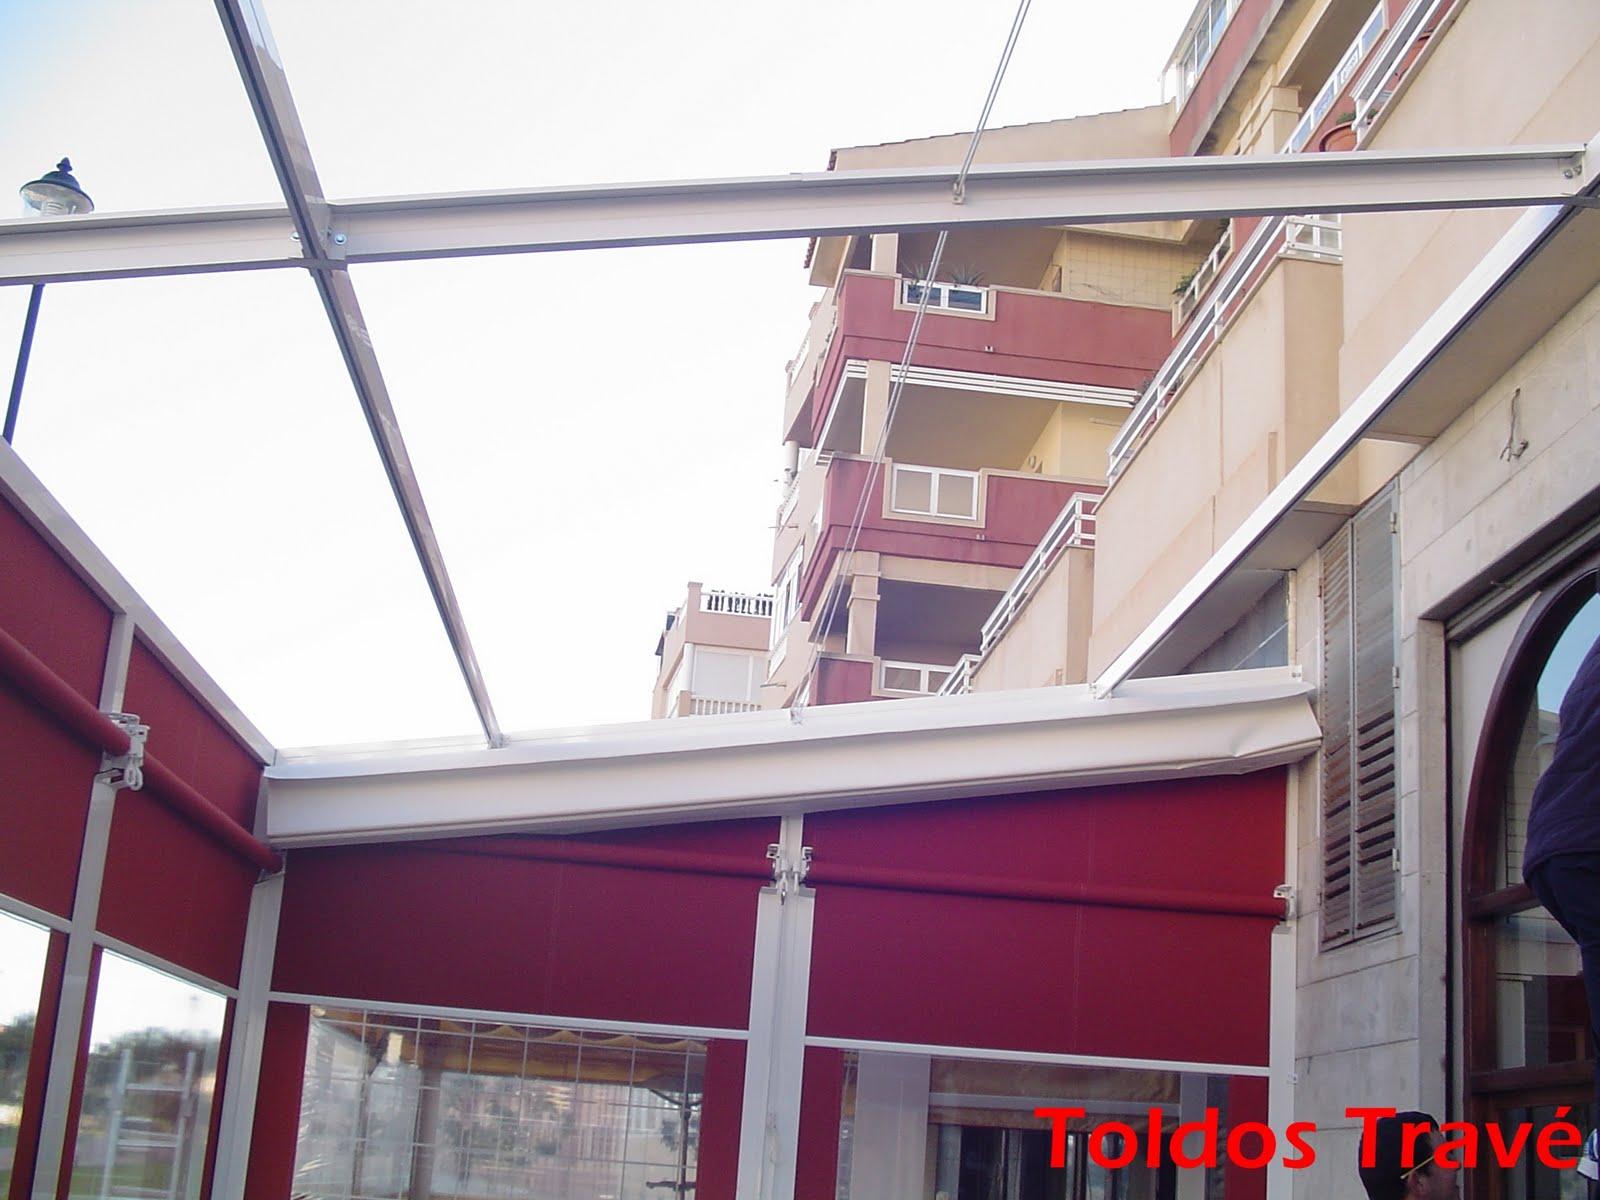 Toldos trav terrazas cerradas - Terrazas con toldos ...